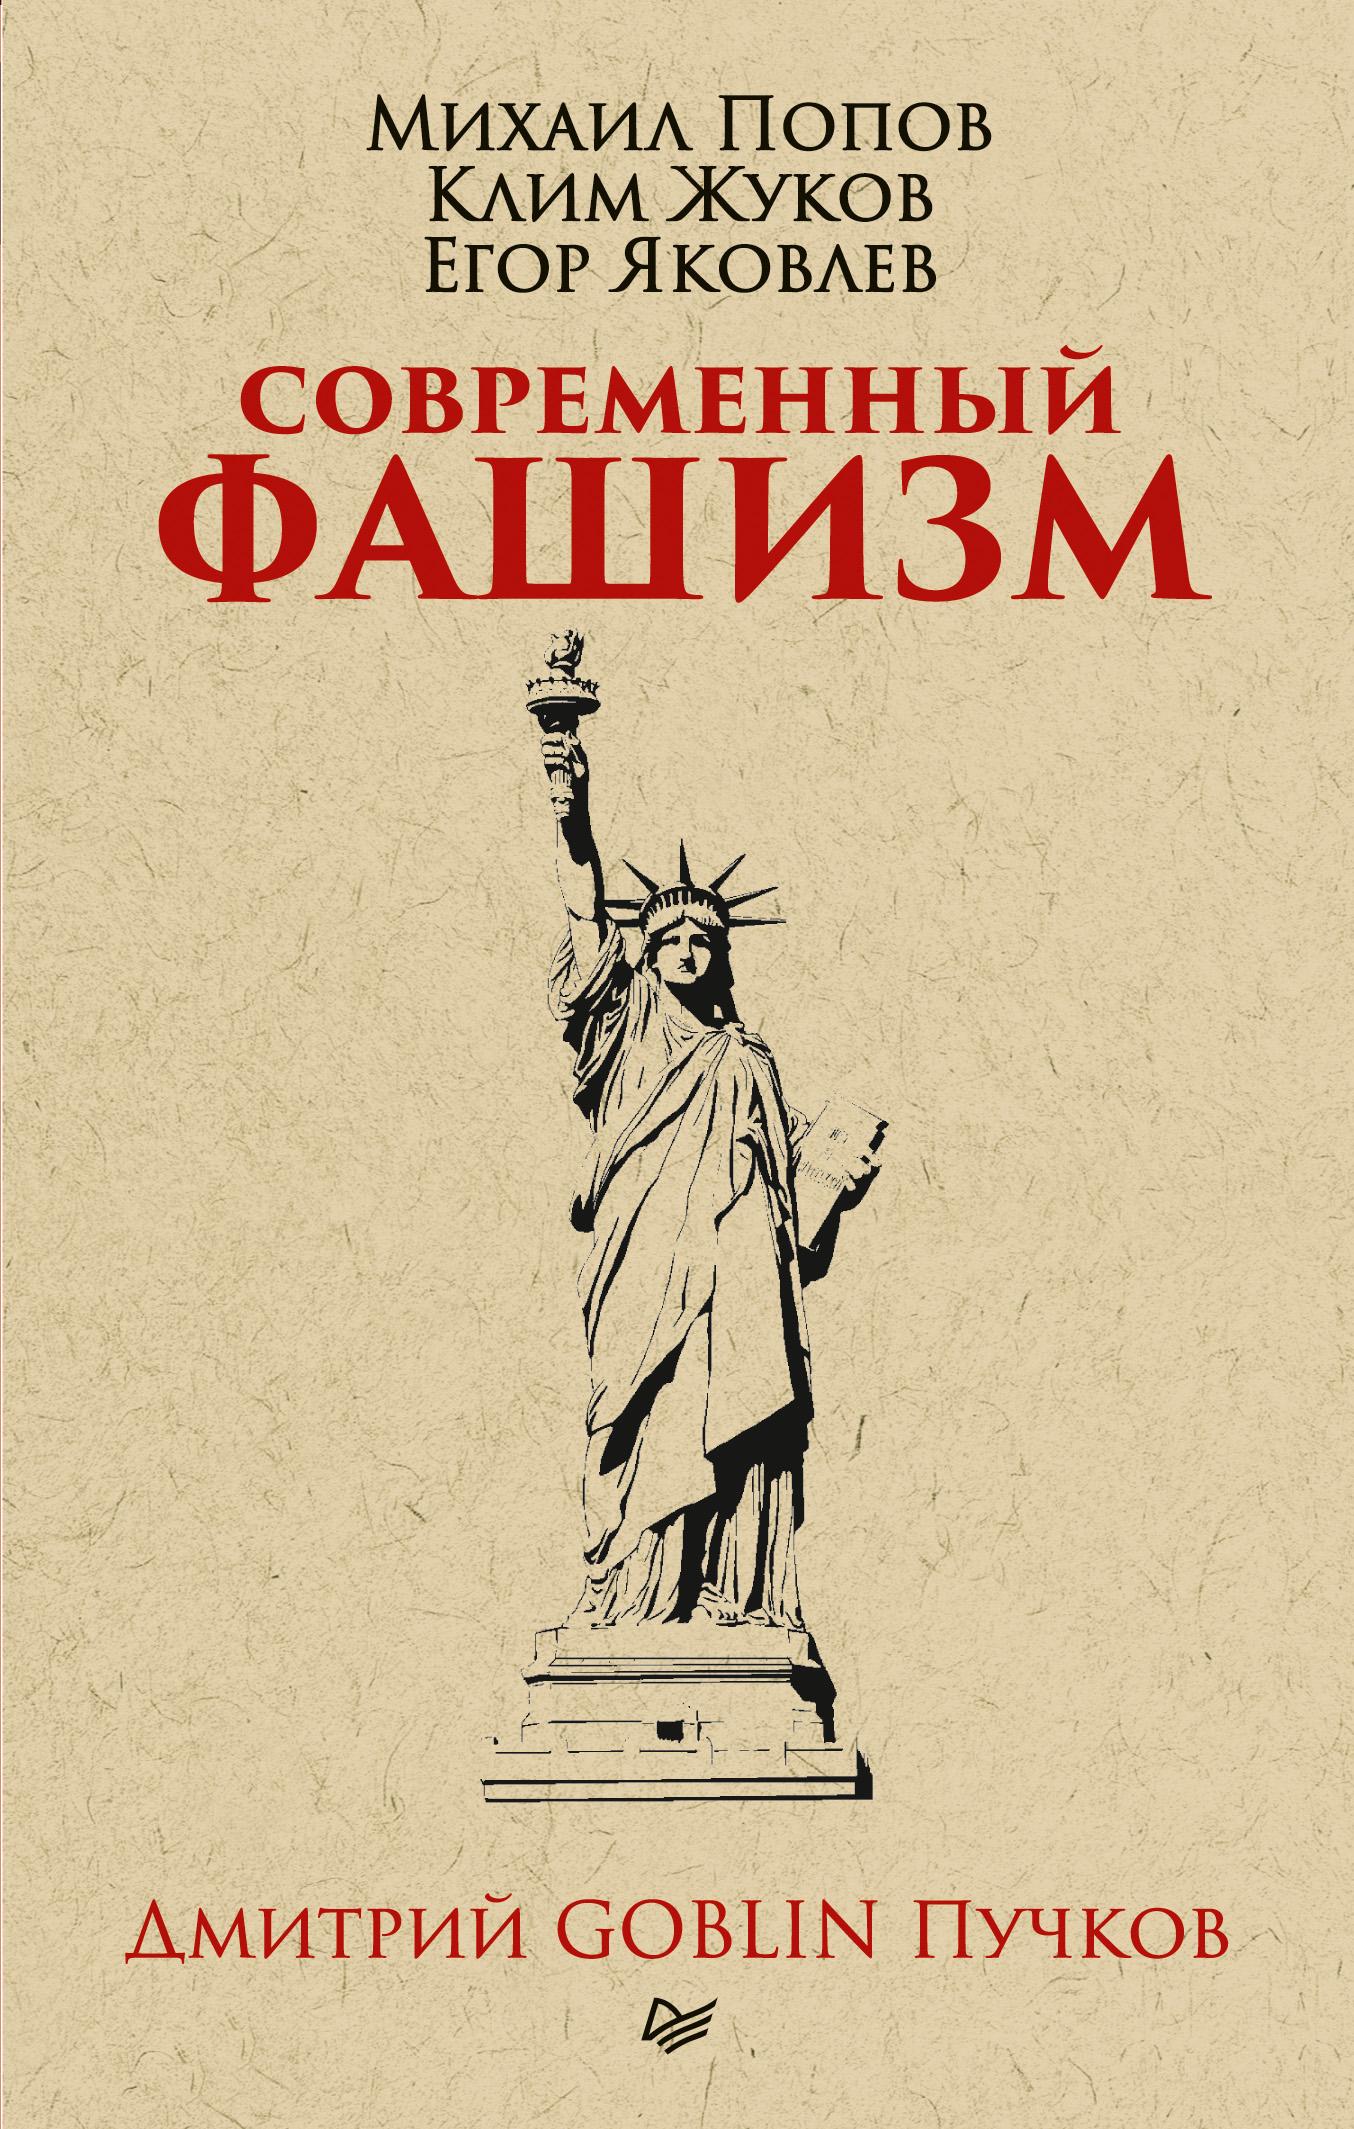 Дмитрий Goblin Пучков Современный фашизм макаревич а то что я люблю